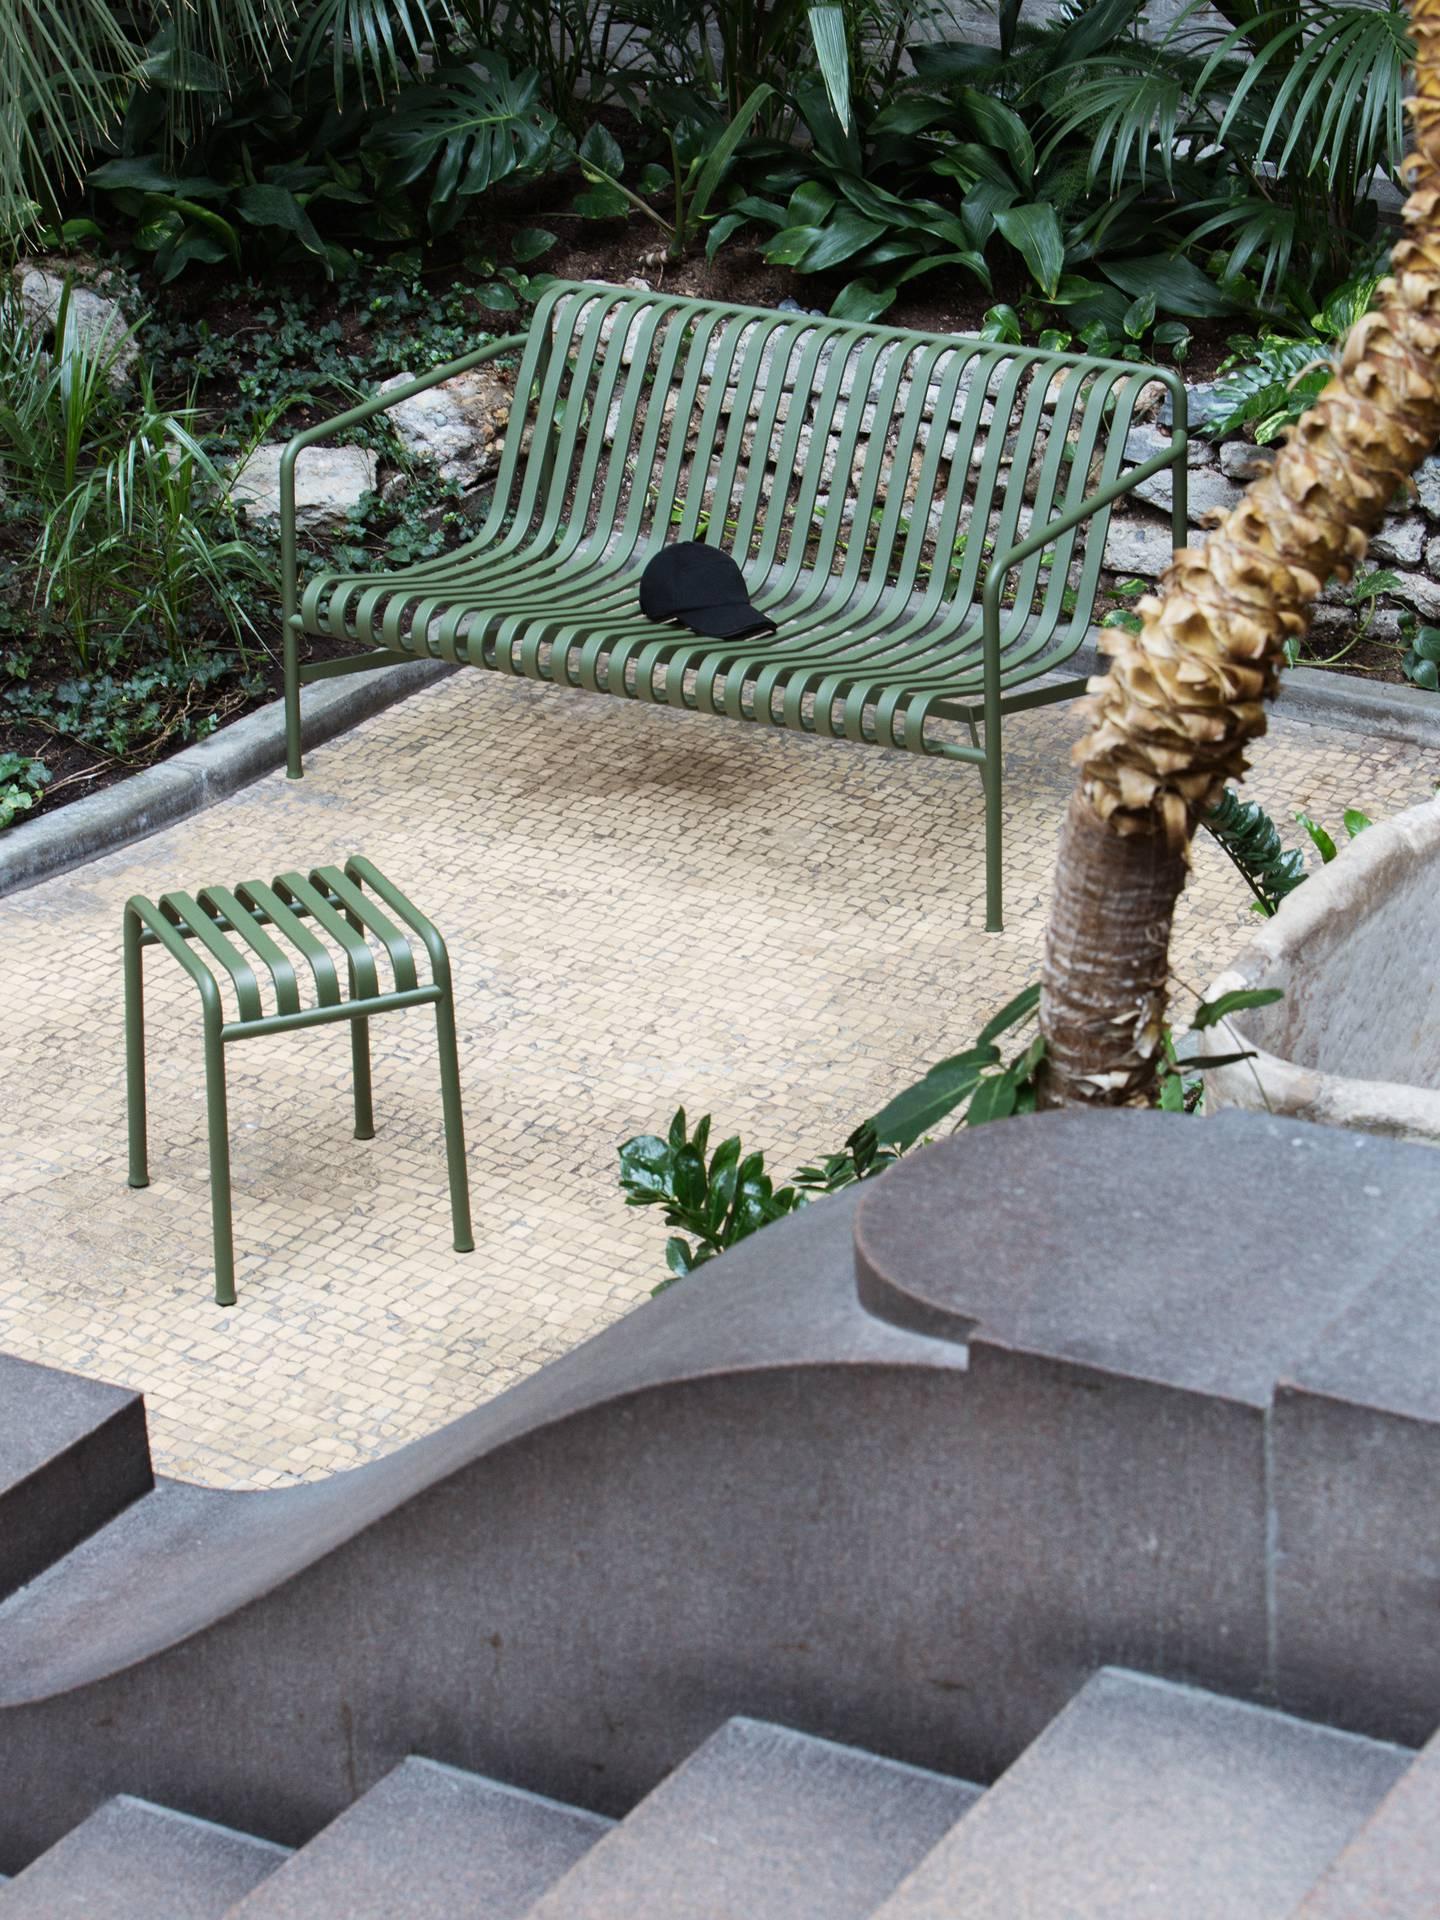 Betere Palissade: design voor de tuin - Loods 5 ED-73